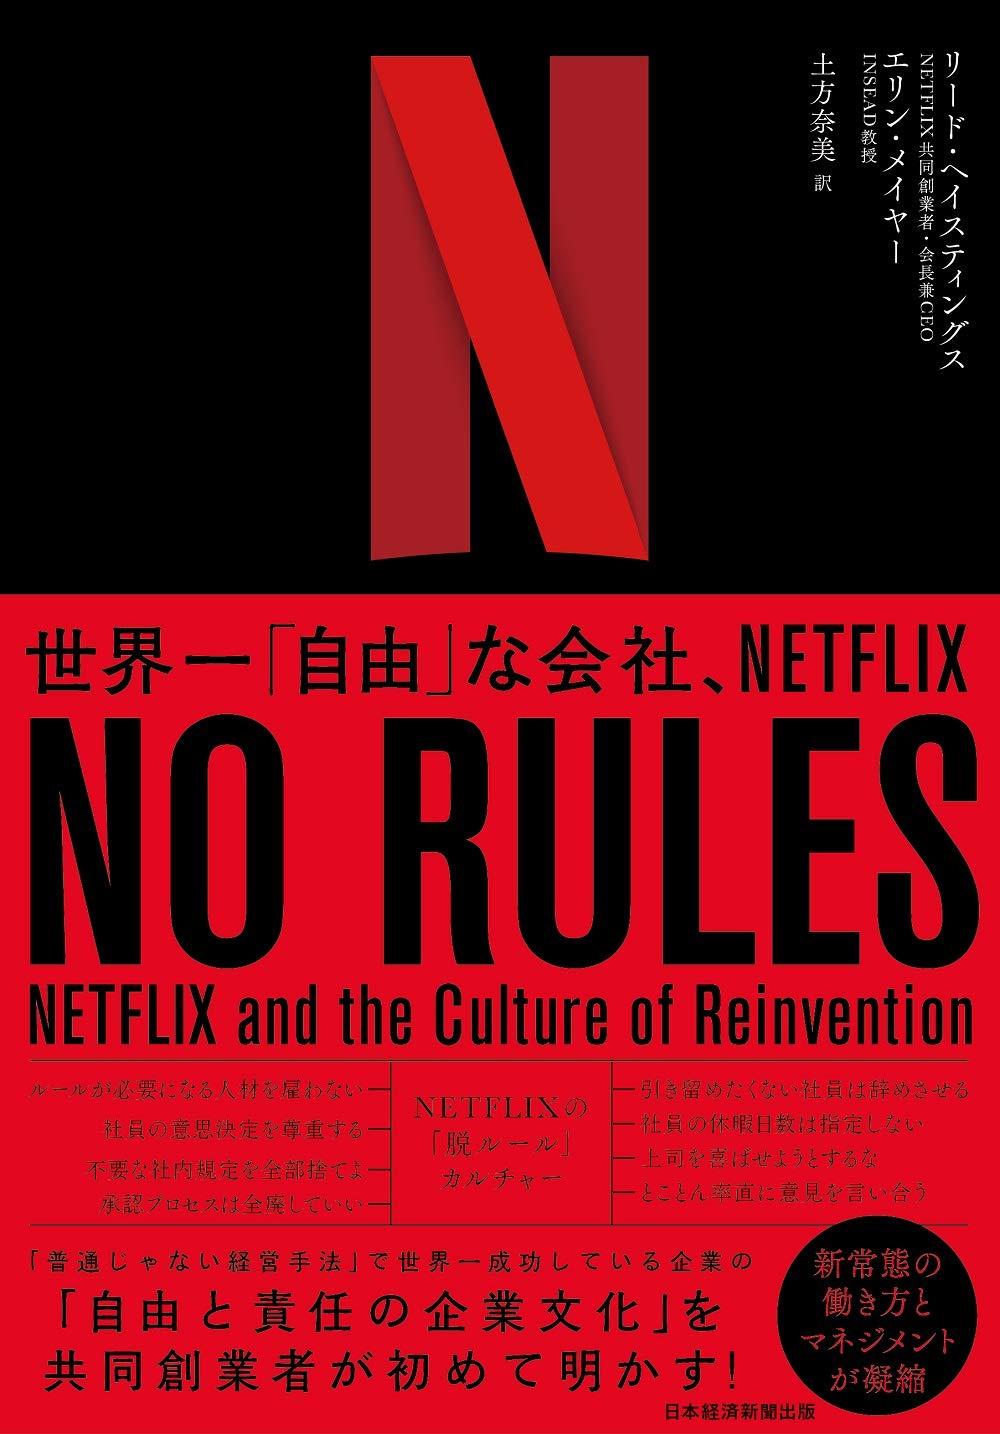 すぐ解雇されるのは本当か? Netflixが大成功した理由がわかる、ドキュメンタリー映画とビジネス書。